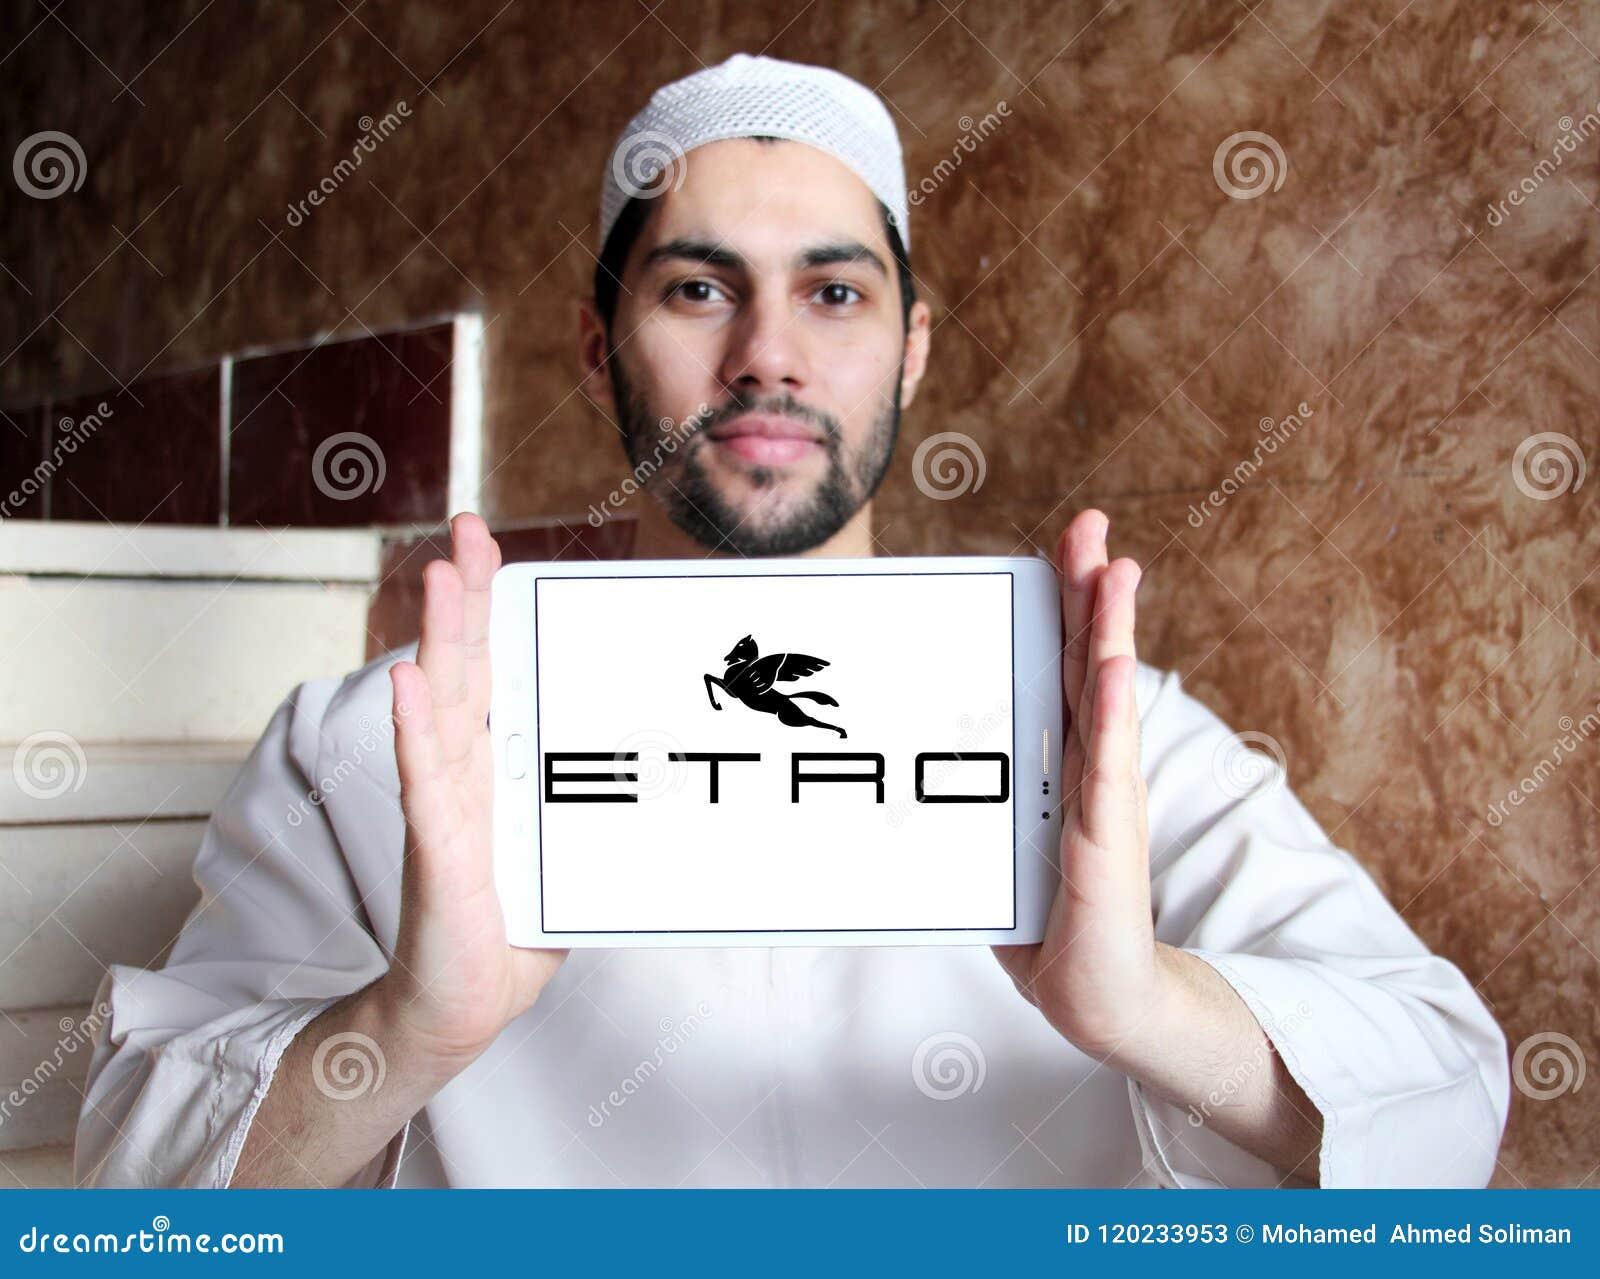 Etro fashion brand logo